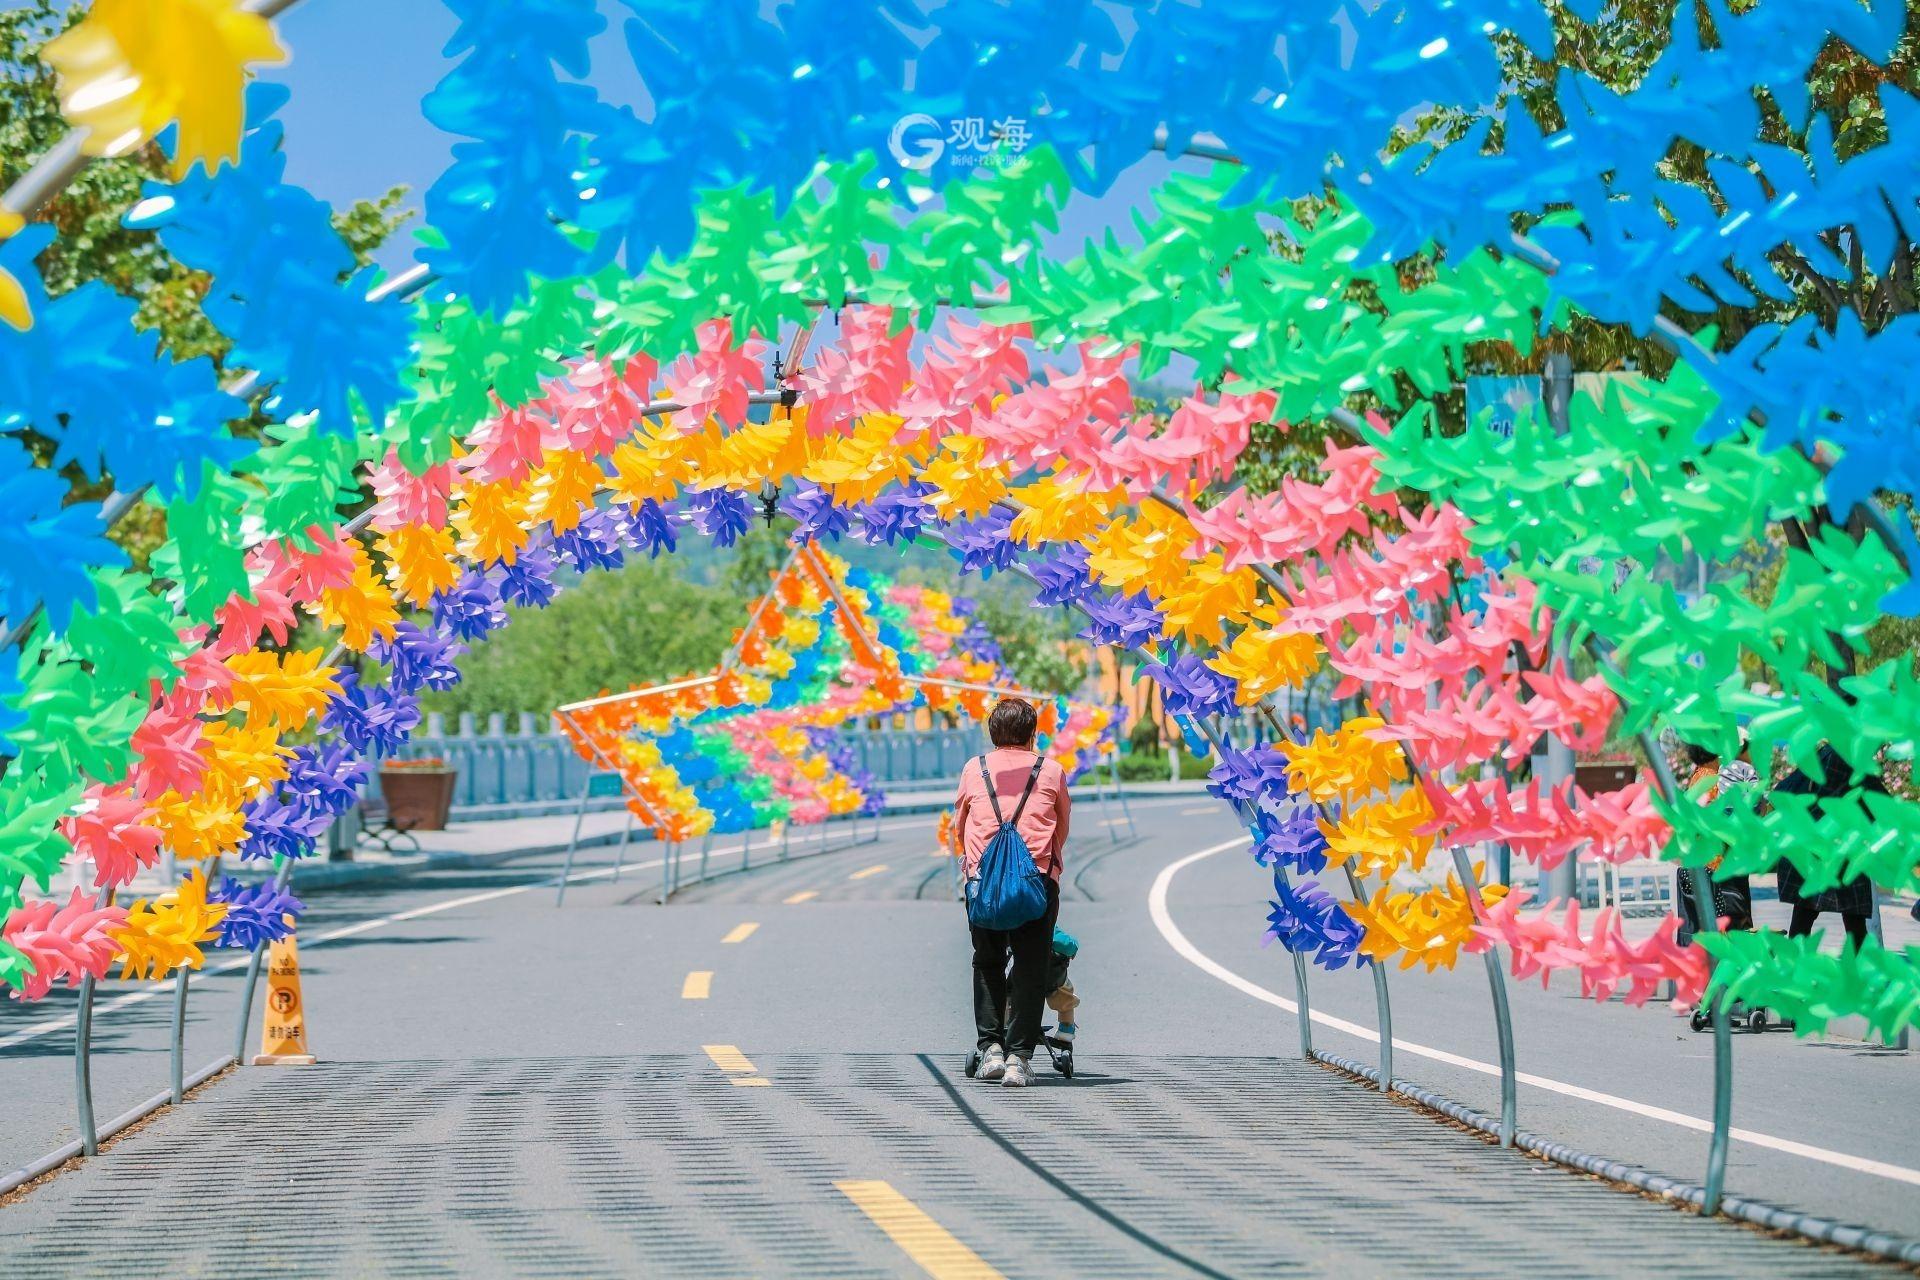 赏花风车季!10万只彩色风车等你来打卡